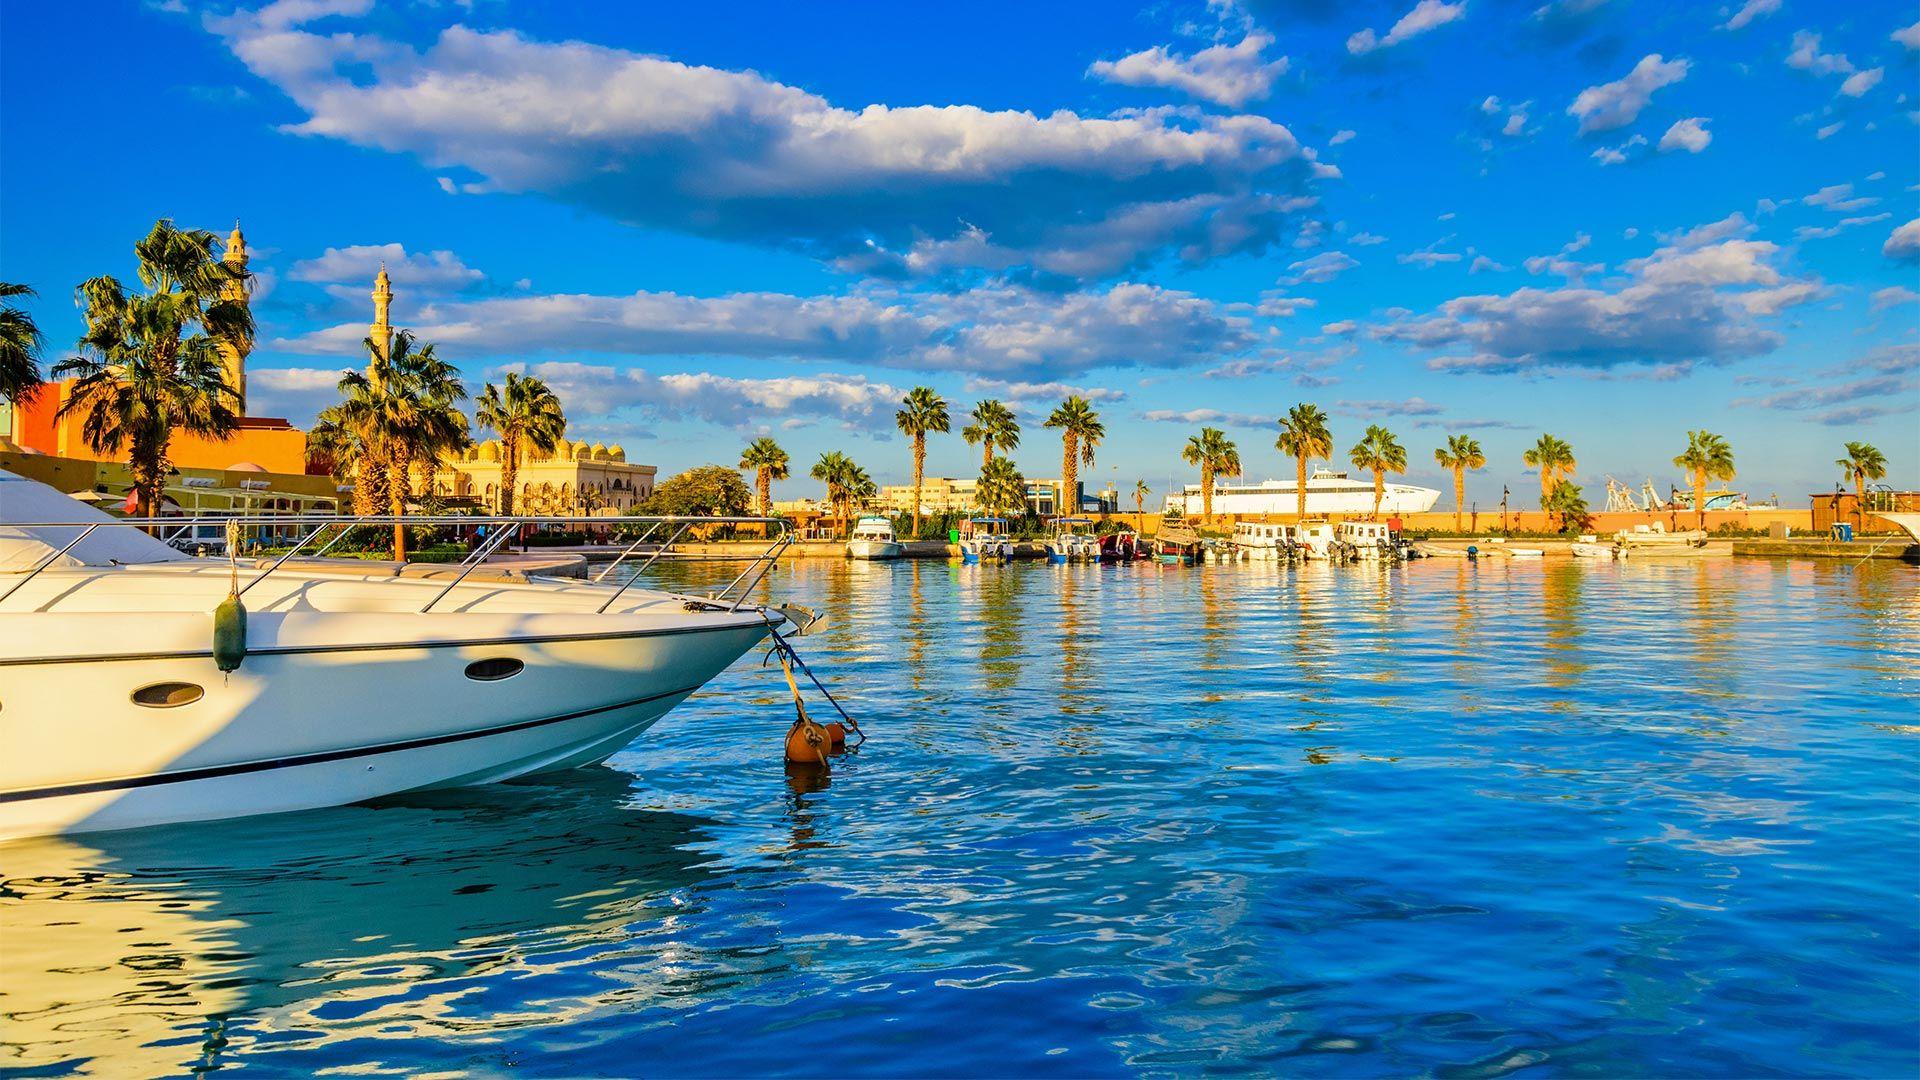 Best Deal Travelhubx - Sejur plaja charter Hurghada - 23 octombrie 2021